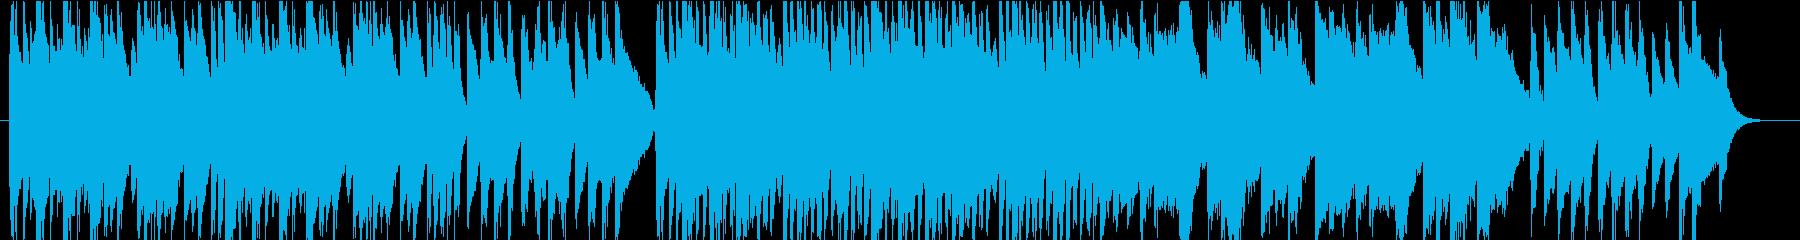 クラシック調のピアノインストの再生済みの波形